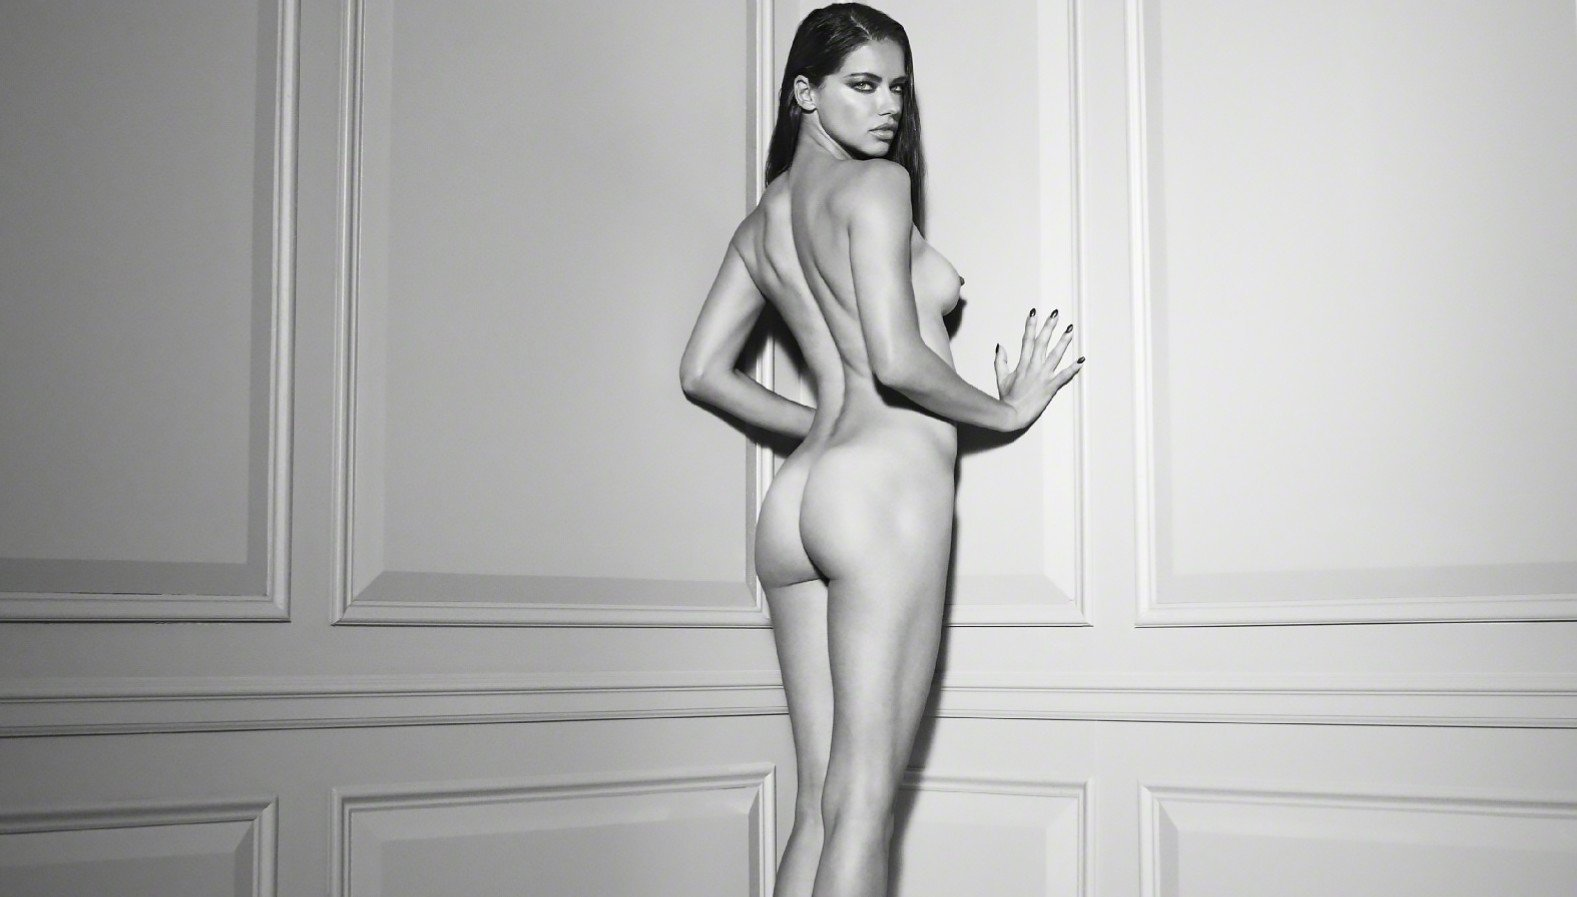 adriana lima naked images